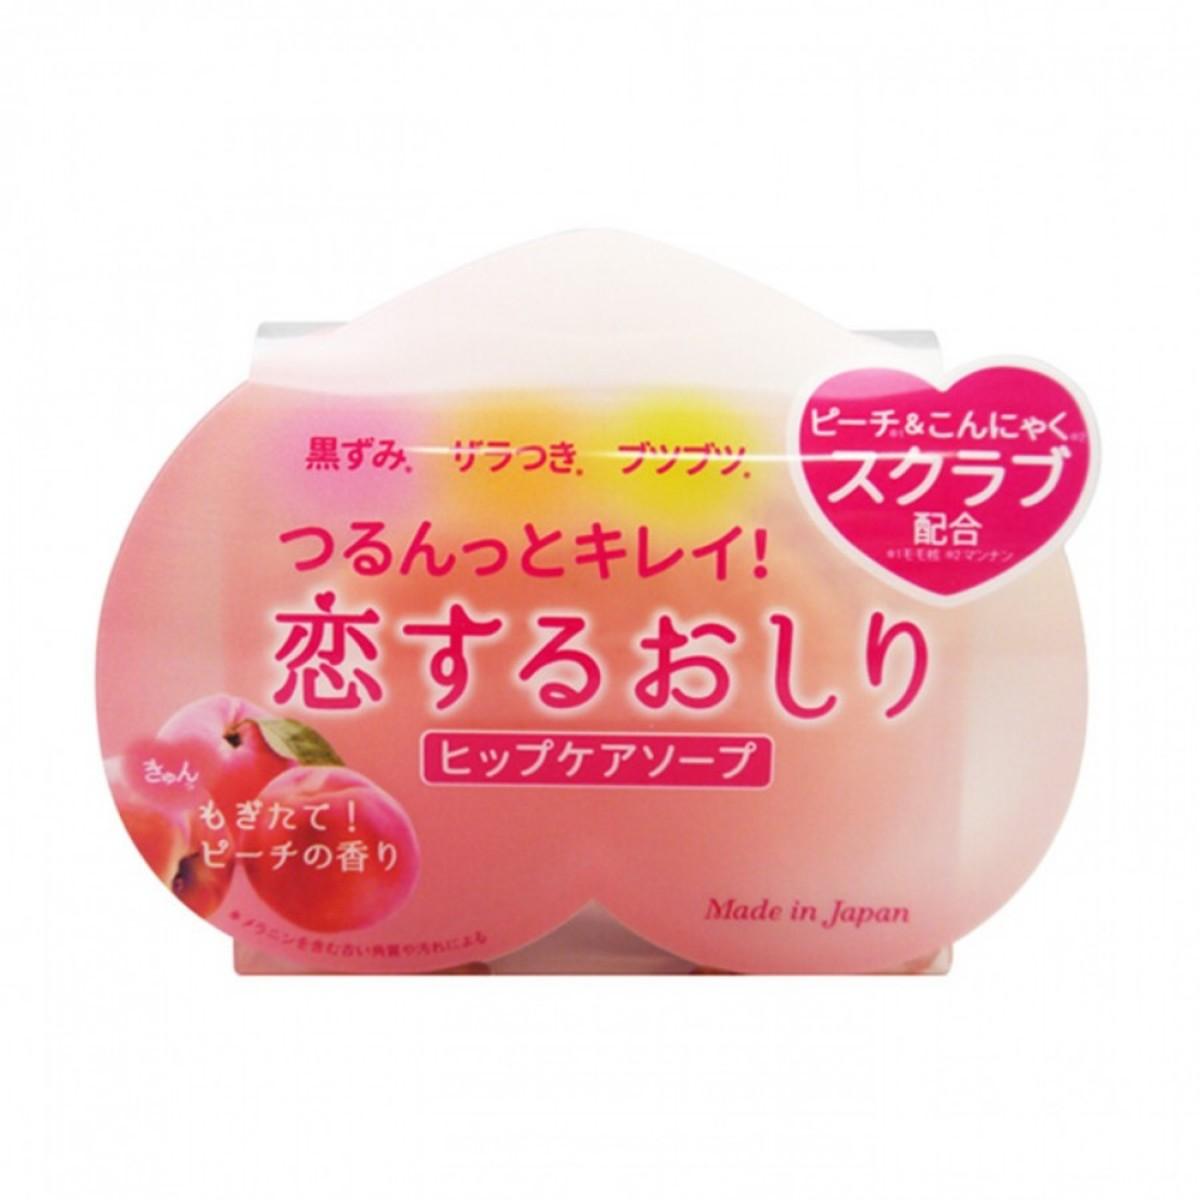 蒟蒻臀部PP 去角質保濕蜜桃皂 80g (全身可用淡化黑色素)